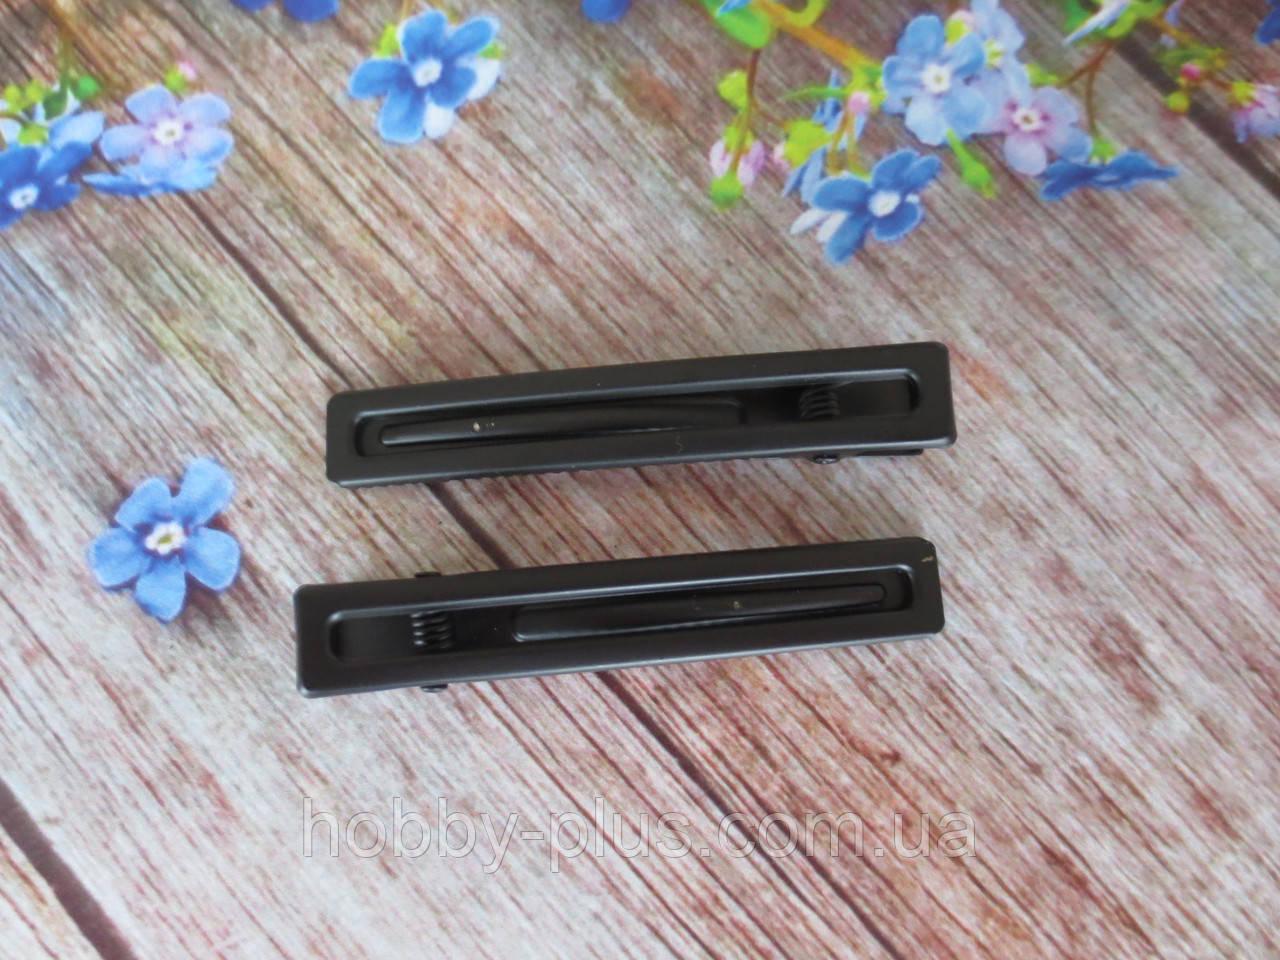 Металлическая заколка-крокодил для волос, 6 см, цвет черный с матовым покрытием